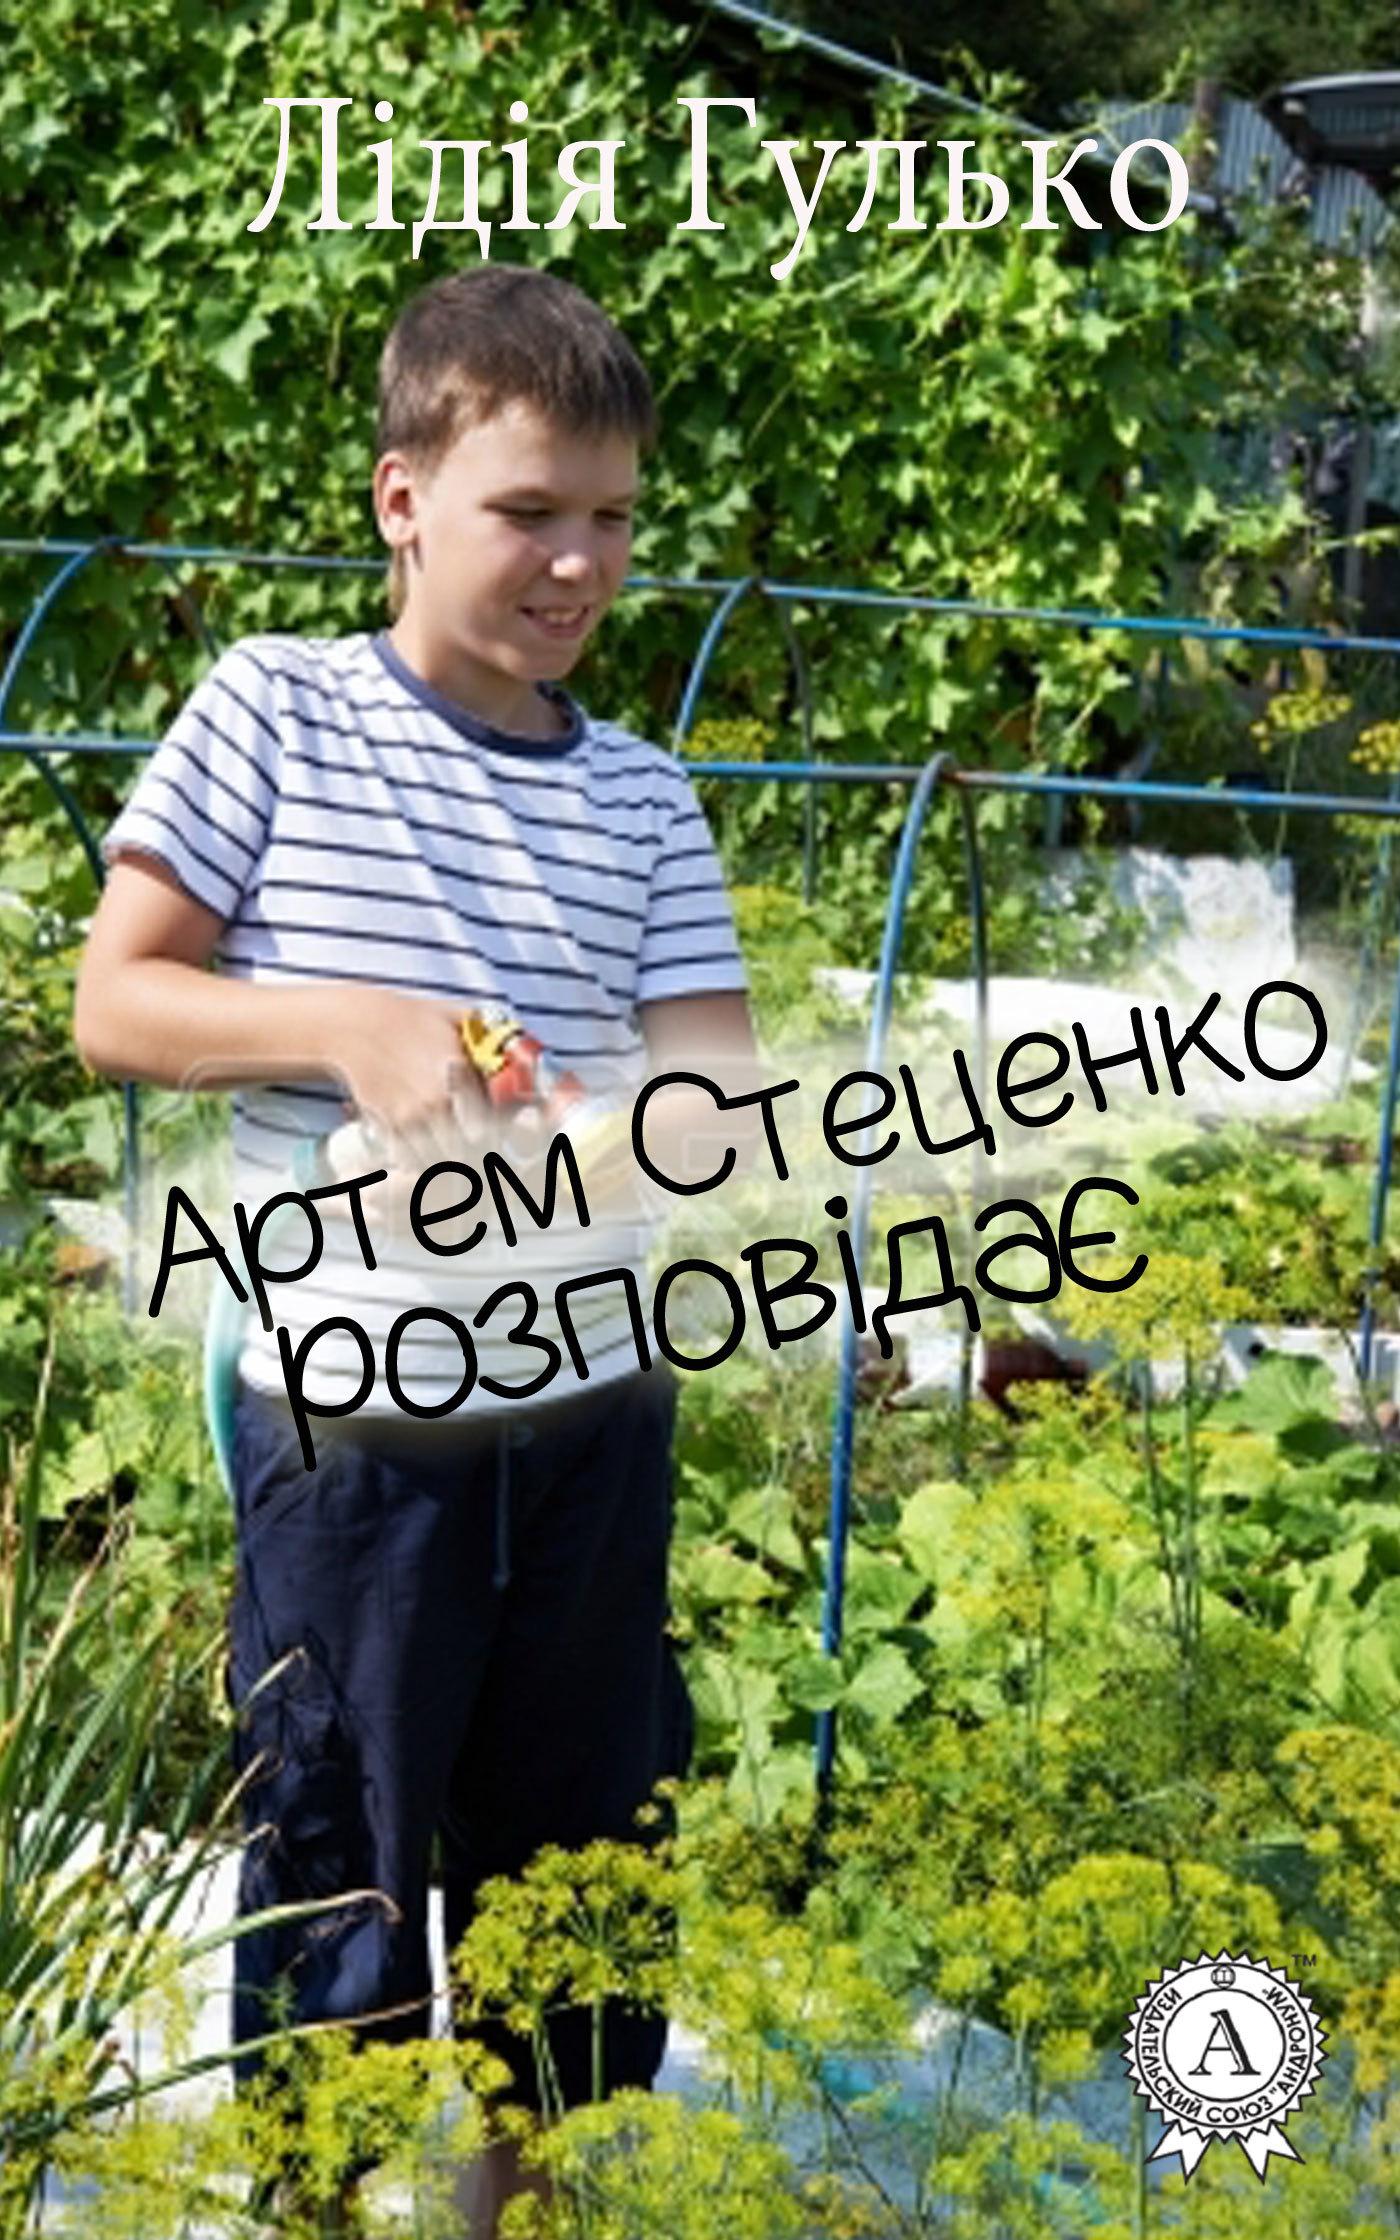 Скачать Артем Стеценко розповда быстро